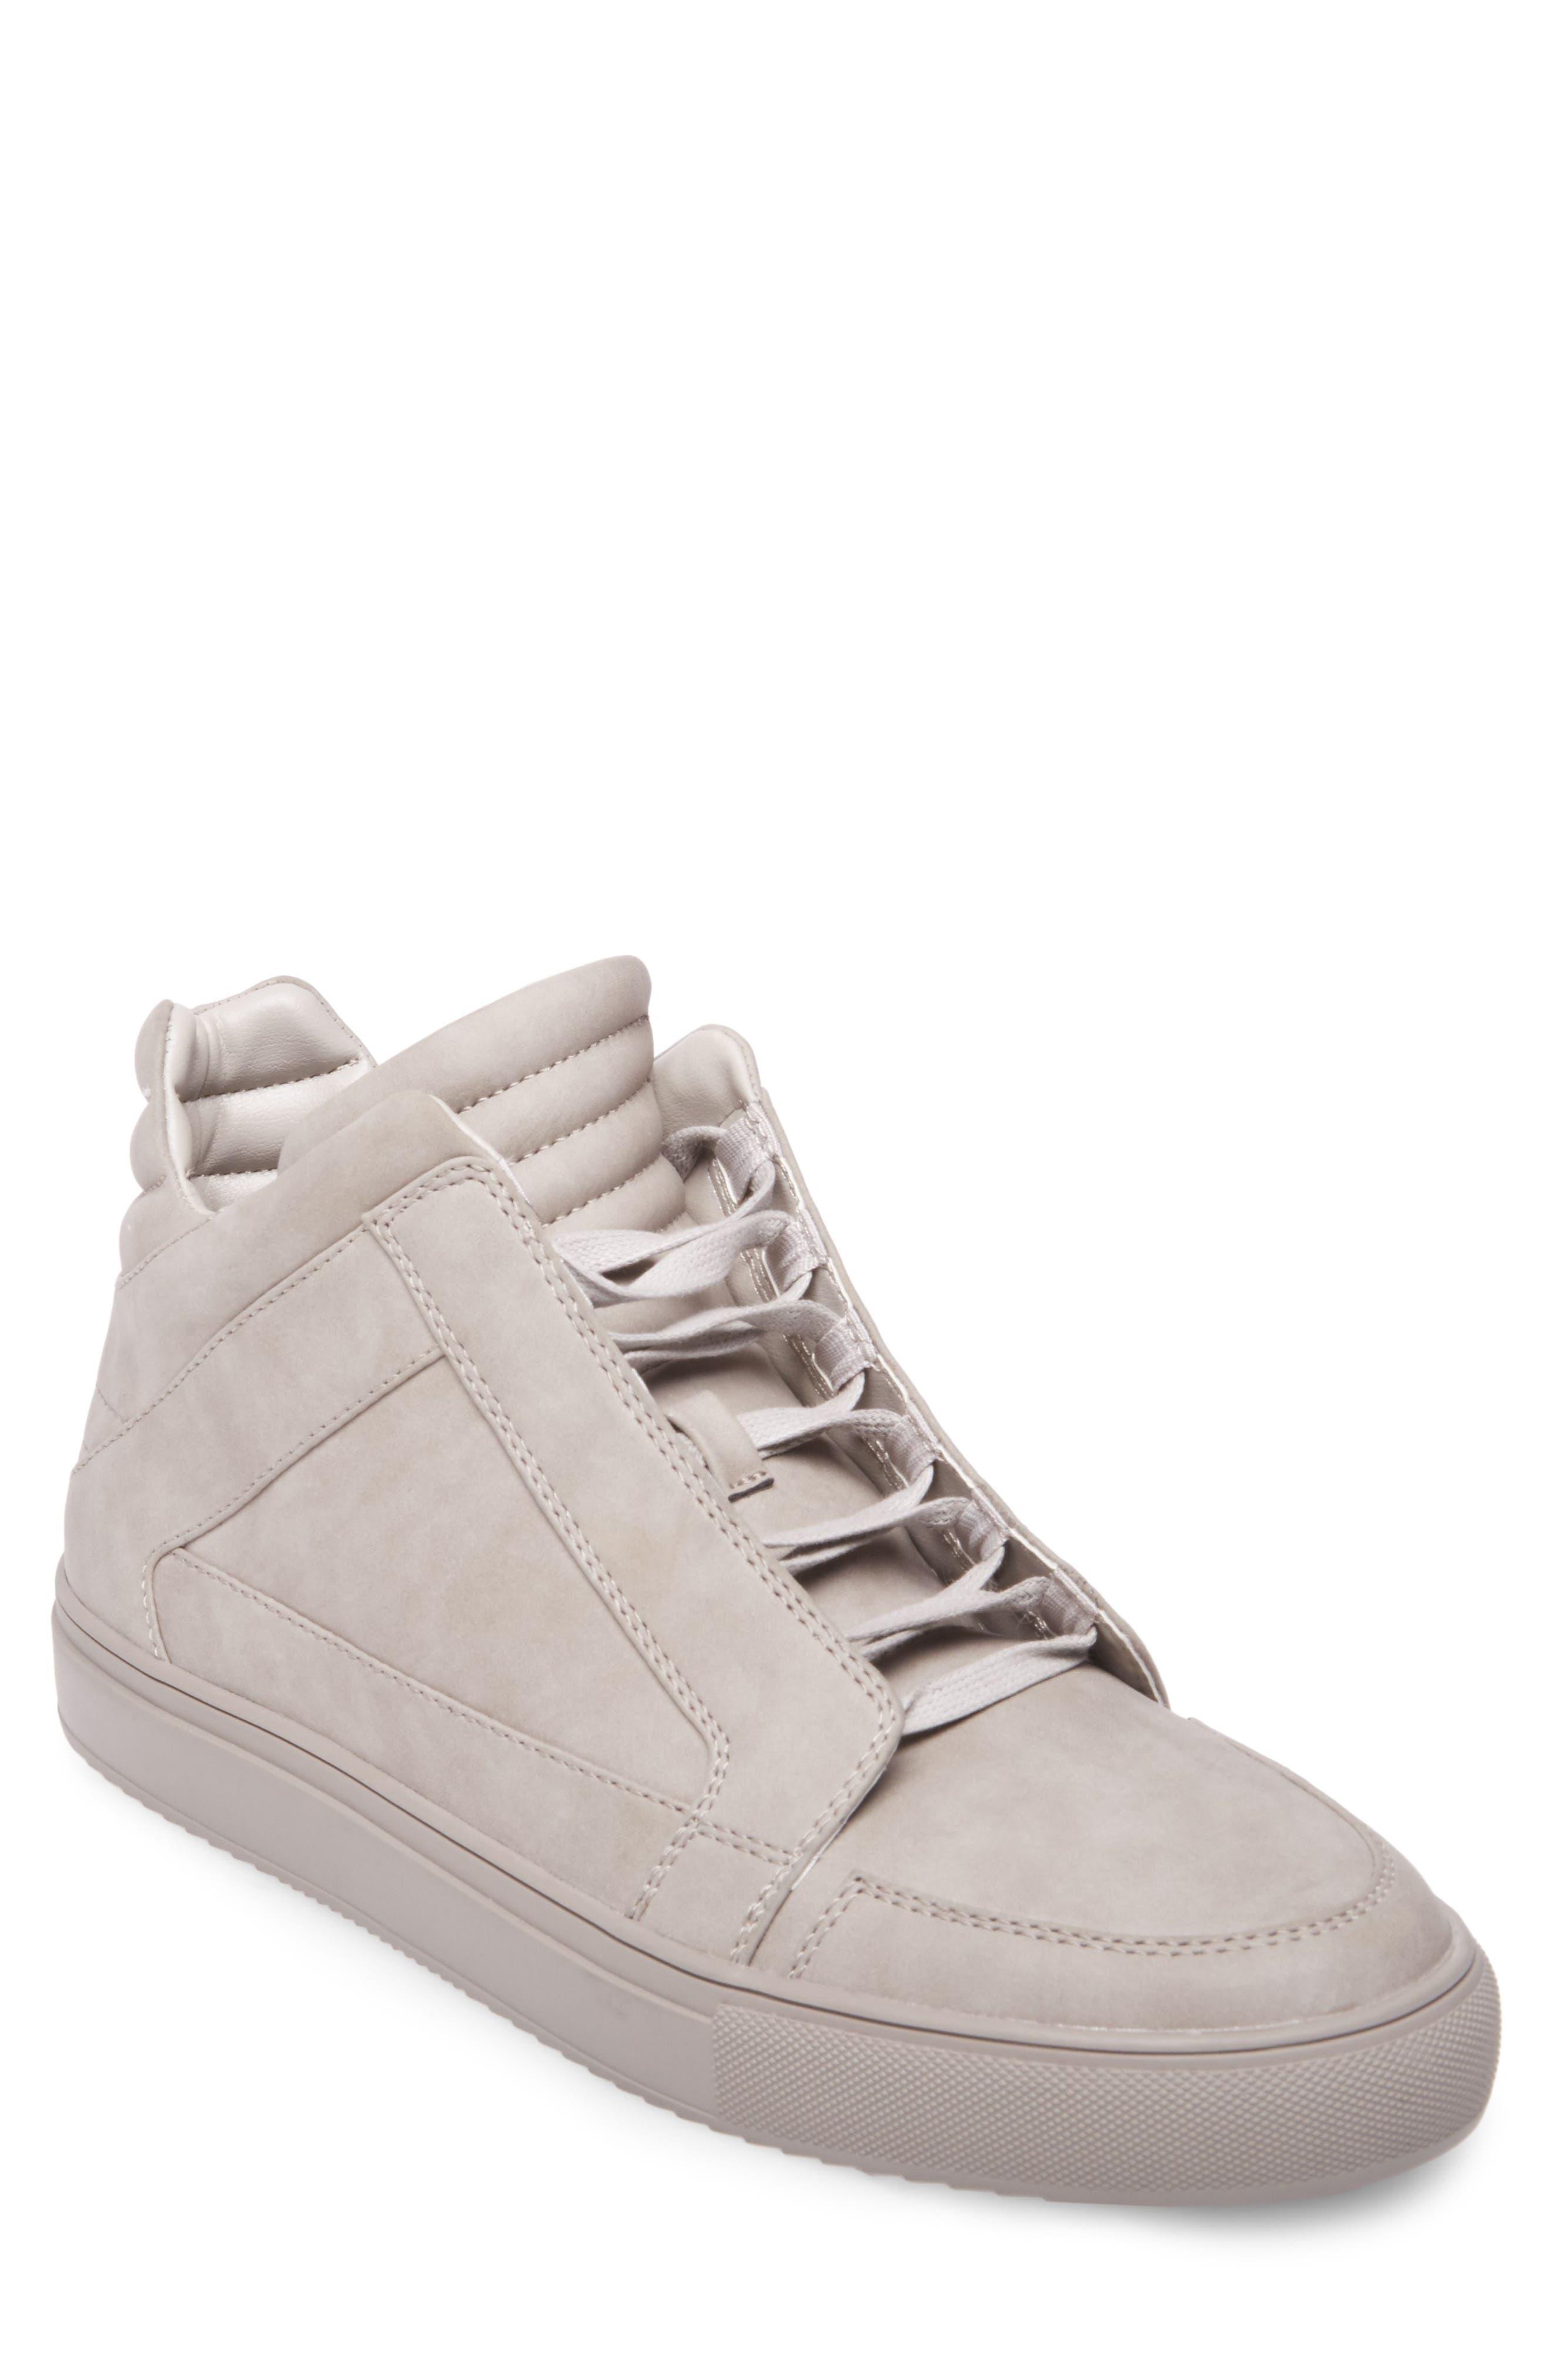 STEVE MADDEN Defstar Sneaker